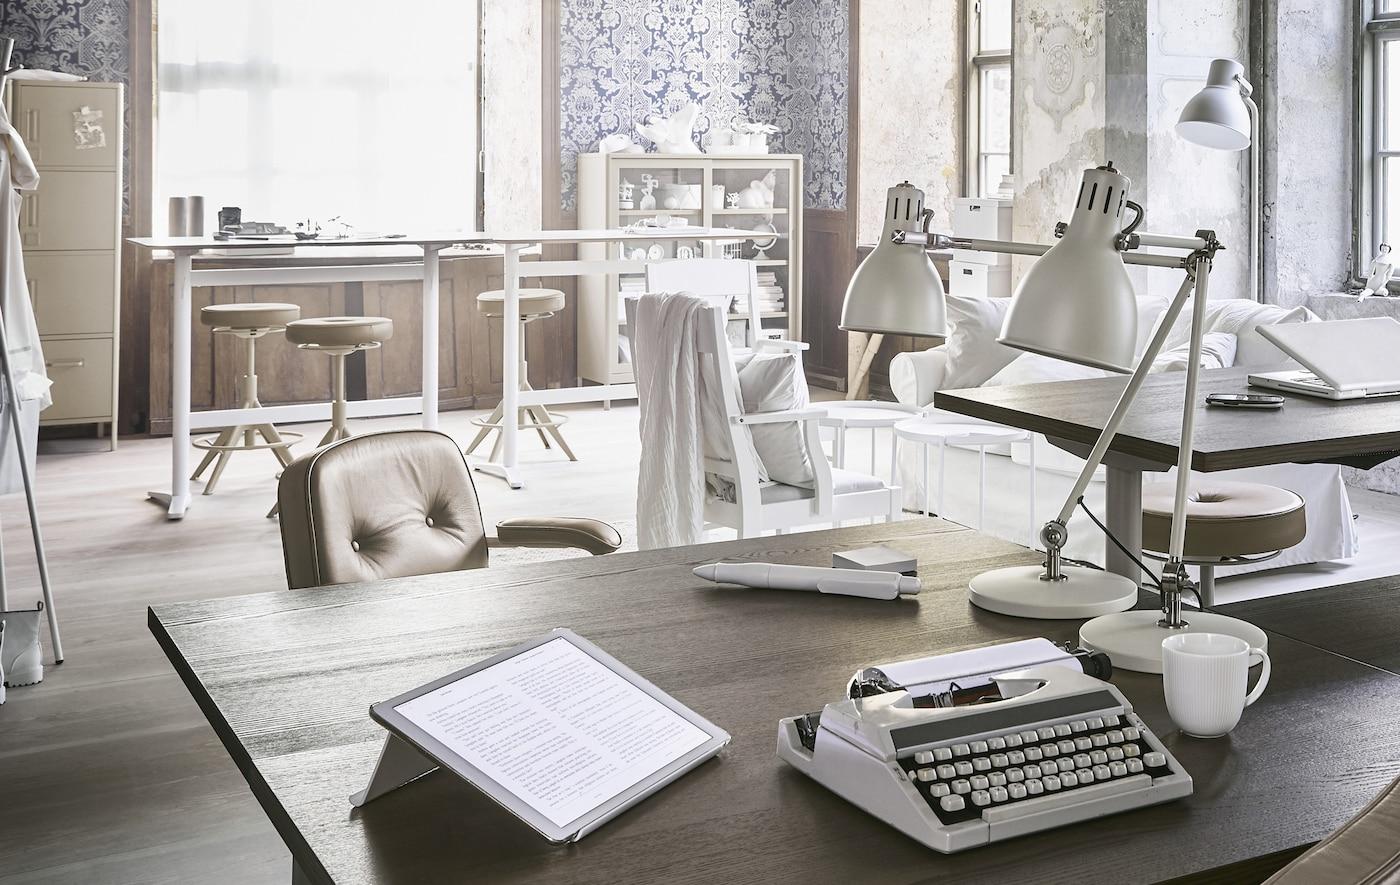 Ruskea työpöytä toimistossa, jossa kirjoituskone, tabletti ja kaksi pöytävalaisinta.